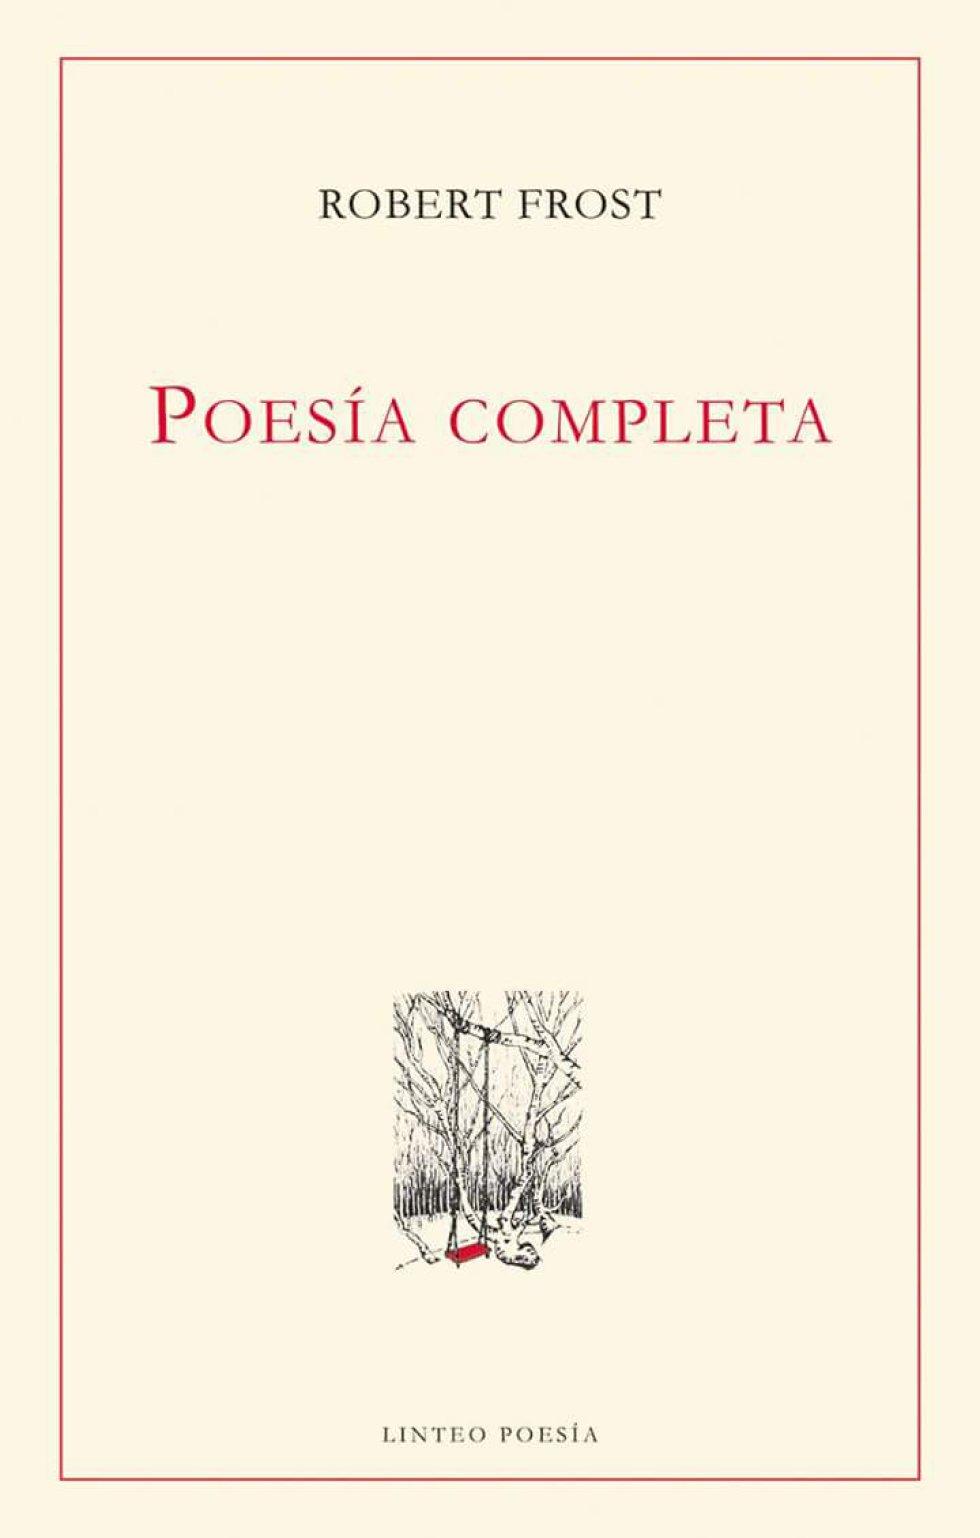 POESÍA COMPLETA (Linteo). Robert Frost. Andrés Catalán es un infatigable traductor de poesía. Este año se han publicado sus versiones completas de Robert Lowell y de Robert Frost. Causa emoción encontrarse con la sencilla materia lírica y cívica, bien norteamericana, de Frost. Catalán encaró una tarea ardua y necesaria. Frost escribió muchísimo y debíamos tenerlo todo en español, incluso cuando no todo lo leyéramos. Son 868 páginas para hojear, detenerse, cerrar el libro, volver a él. La poesía de Frost es un río, o un bosque, o una tierra que existe antes que nosotros (así lo escribió él). Como a los ríos, a veces se los mira de lejos y a veces se los navega. Imposible ignorarlos. Por BEATRIZ SARLO